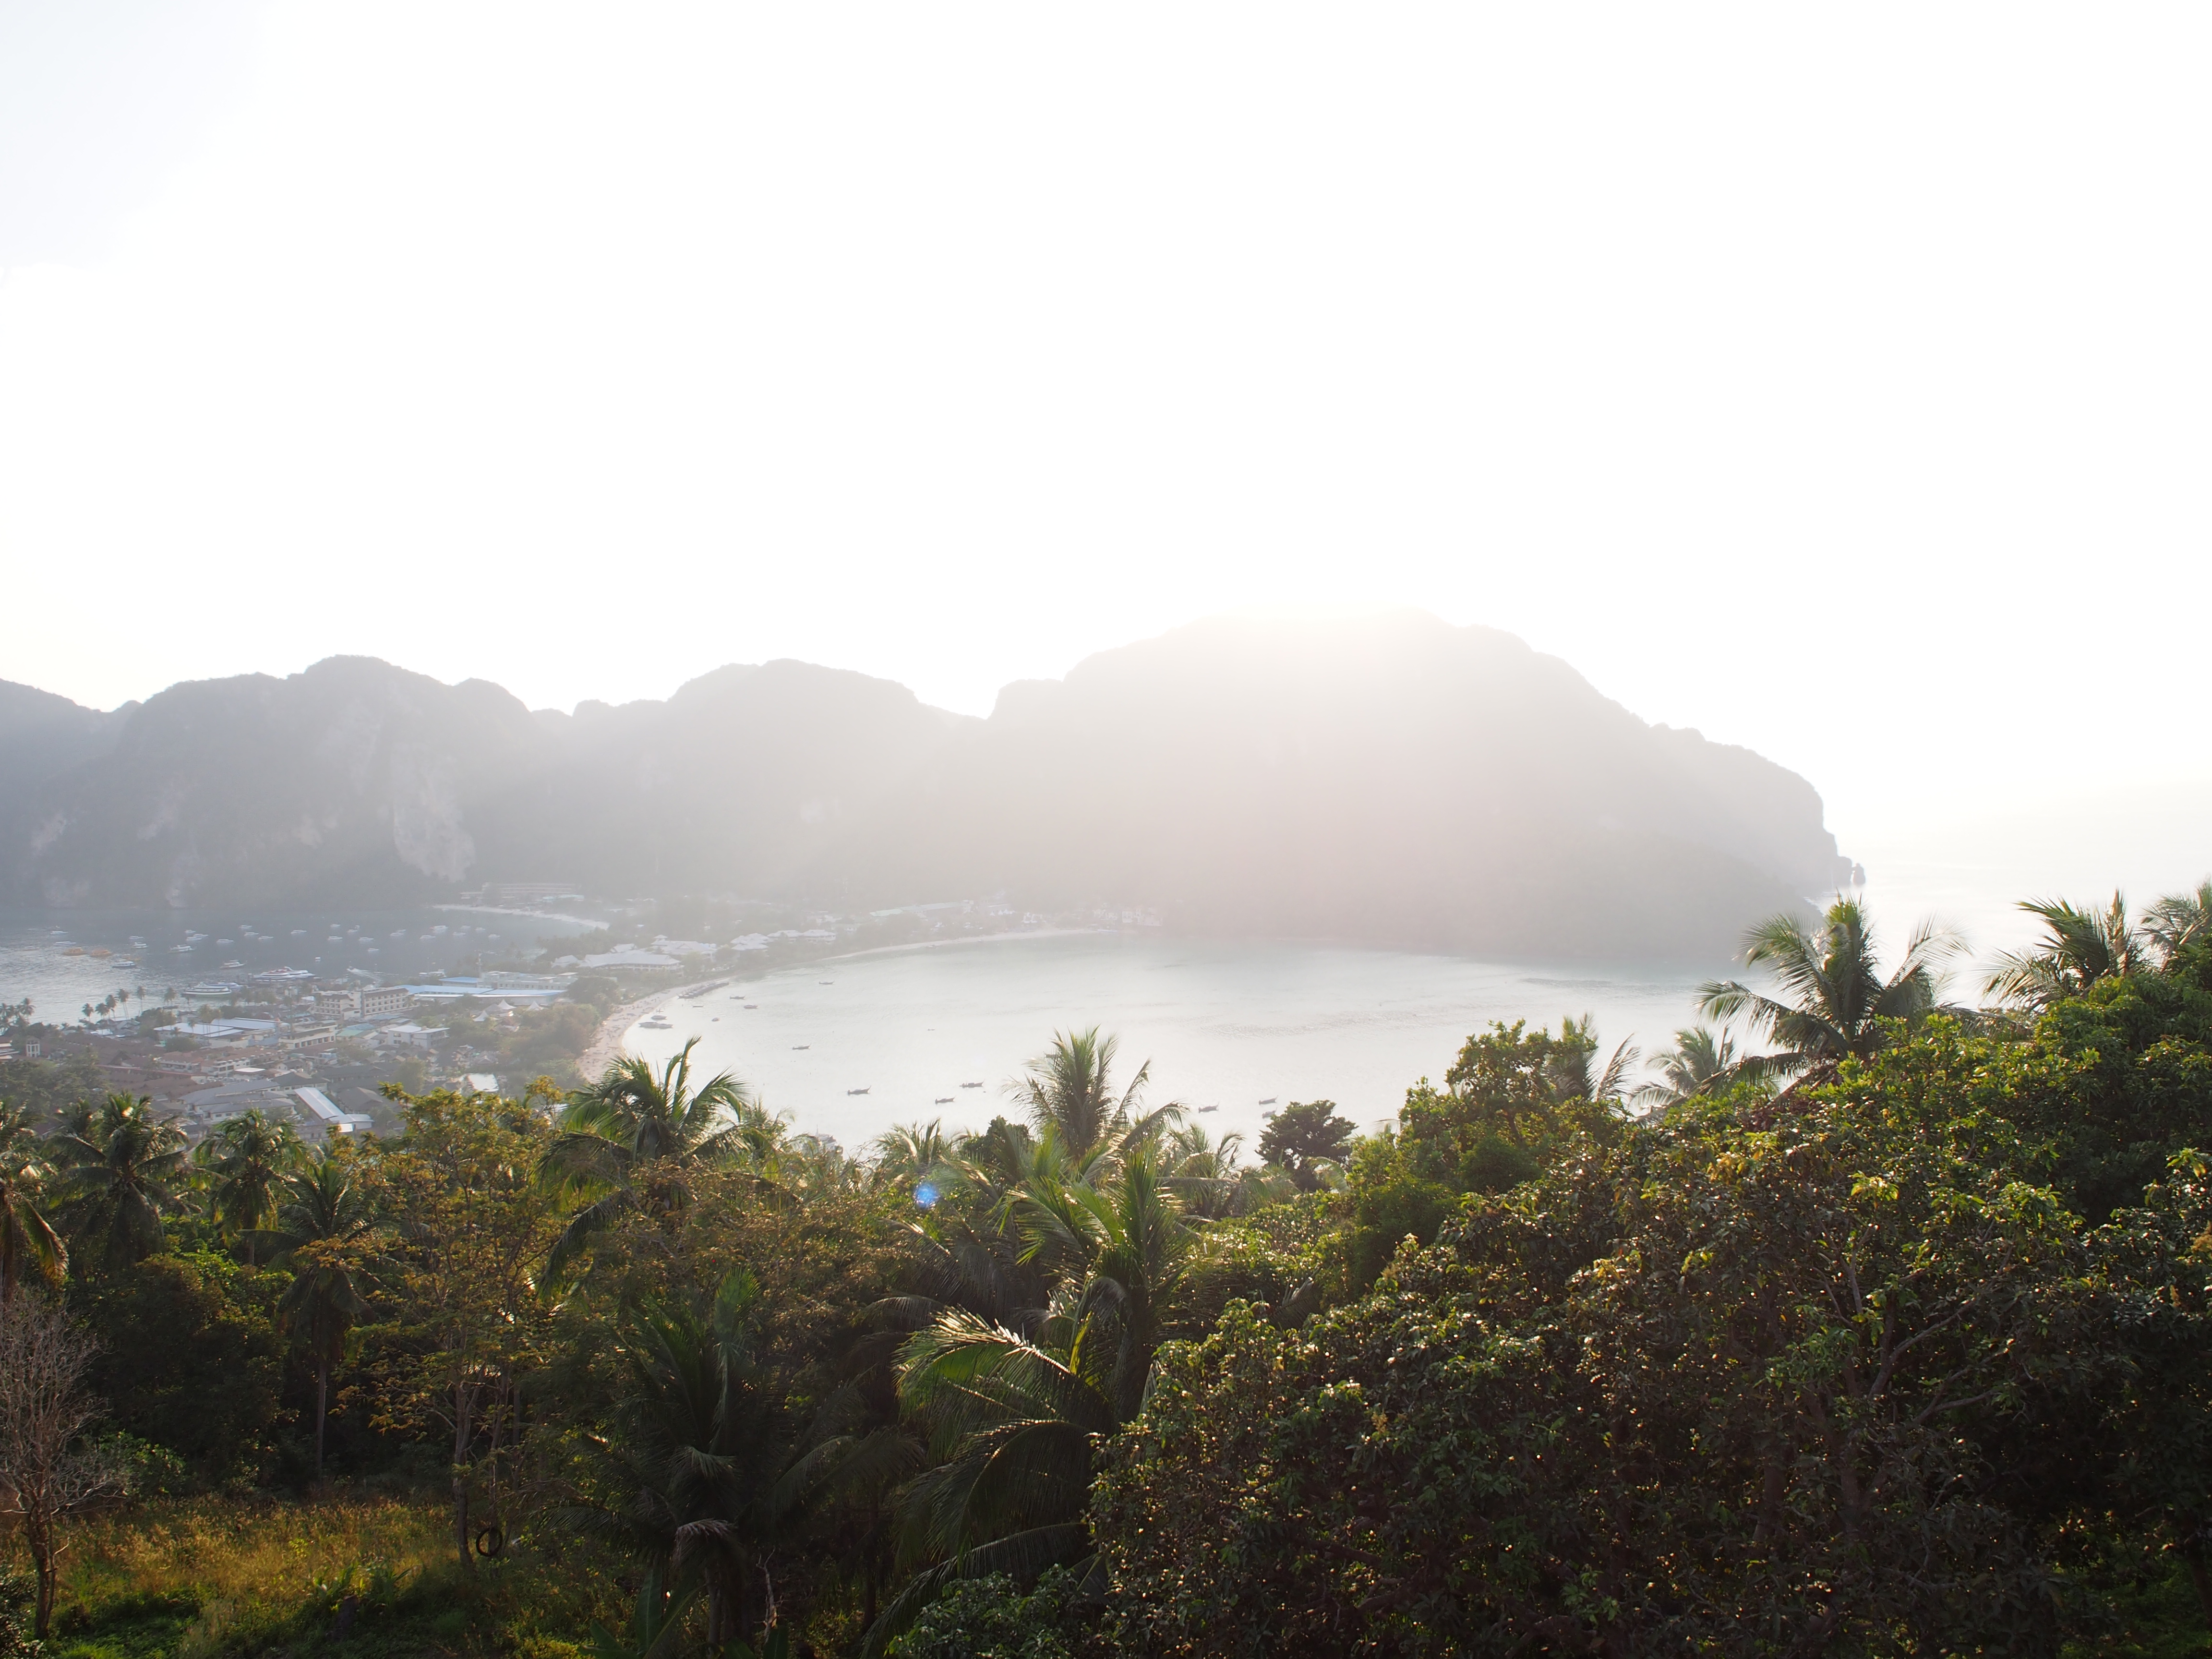 phi phi kokemuksia, phi phi islands, phi phi saaret, thaimaa